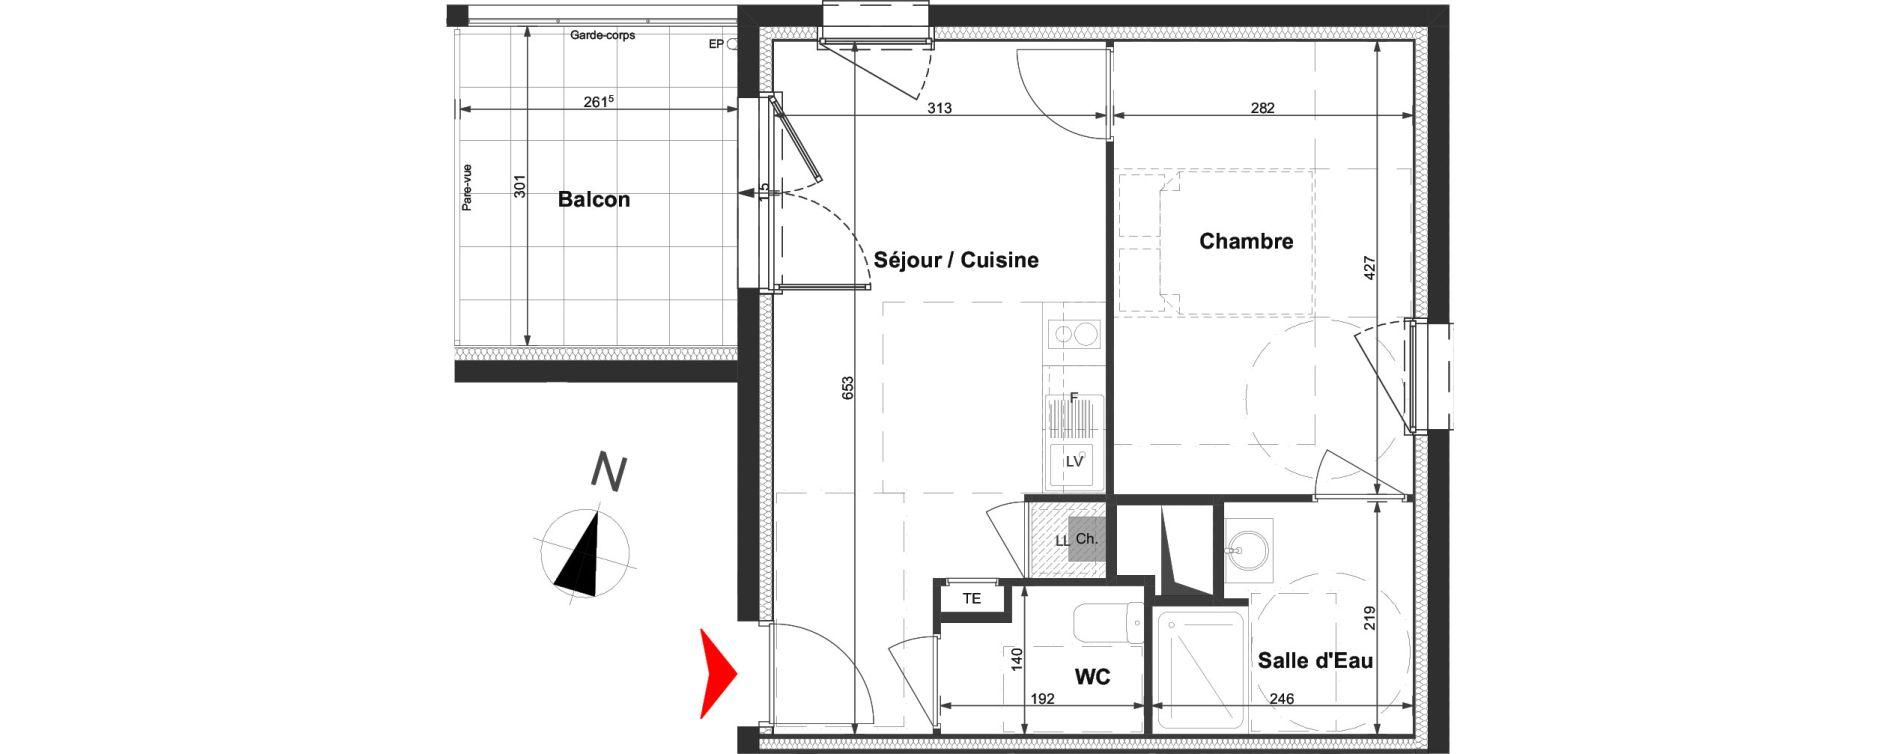 Appartement T2 de 37,18 m2 à La Roche-Sur-Yon La vigne aux roses